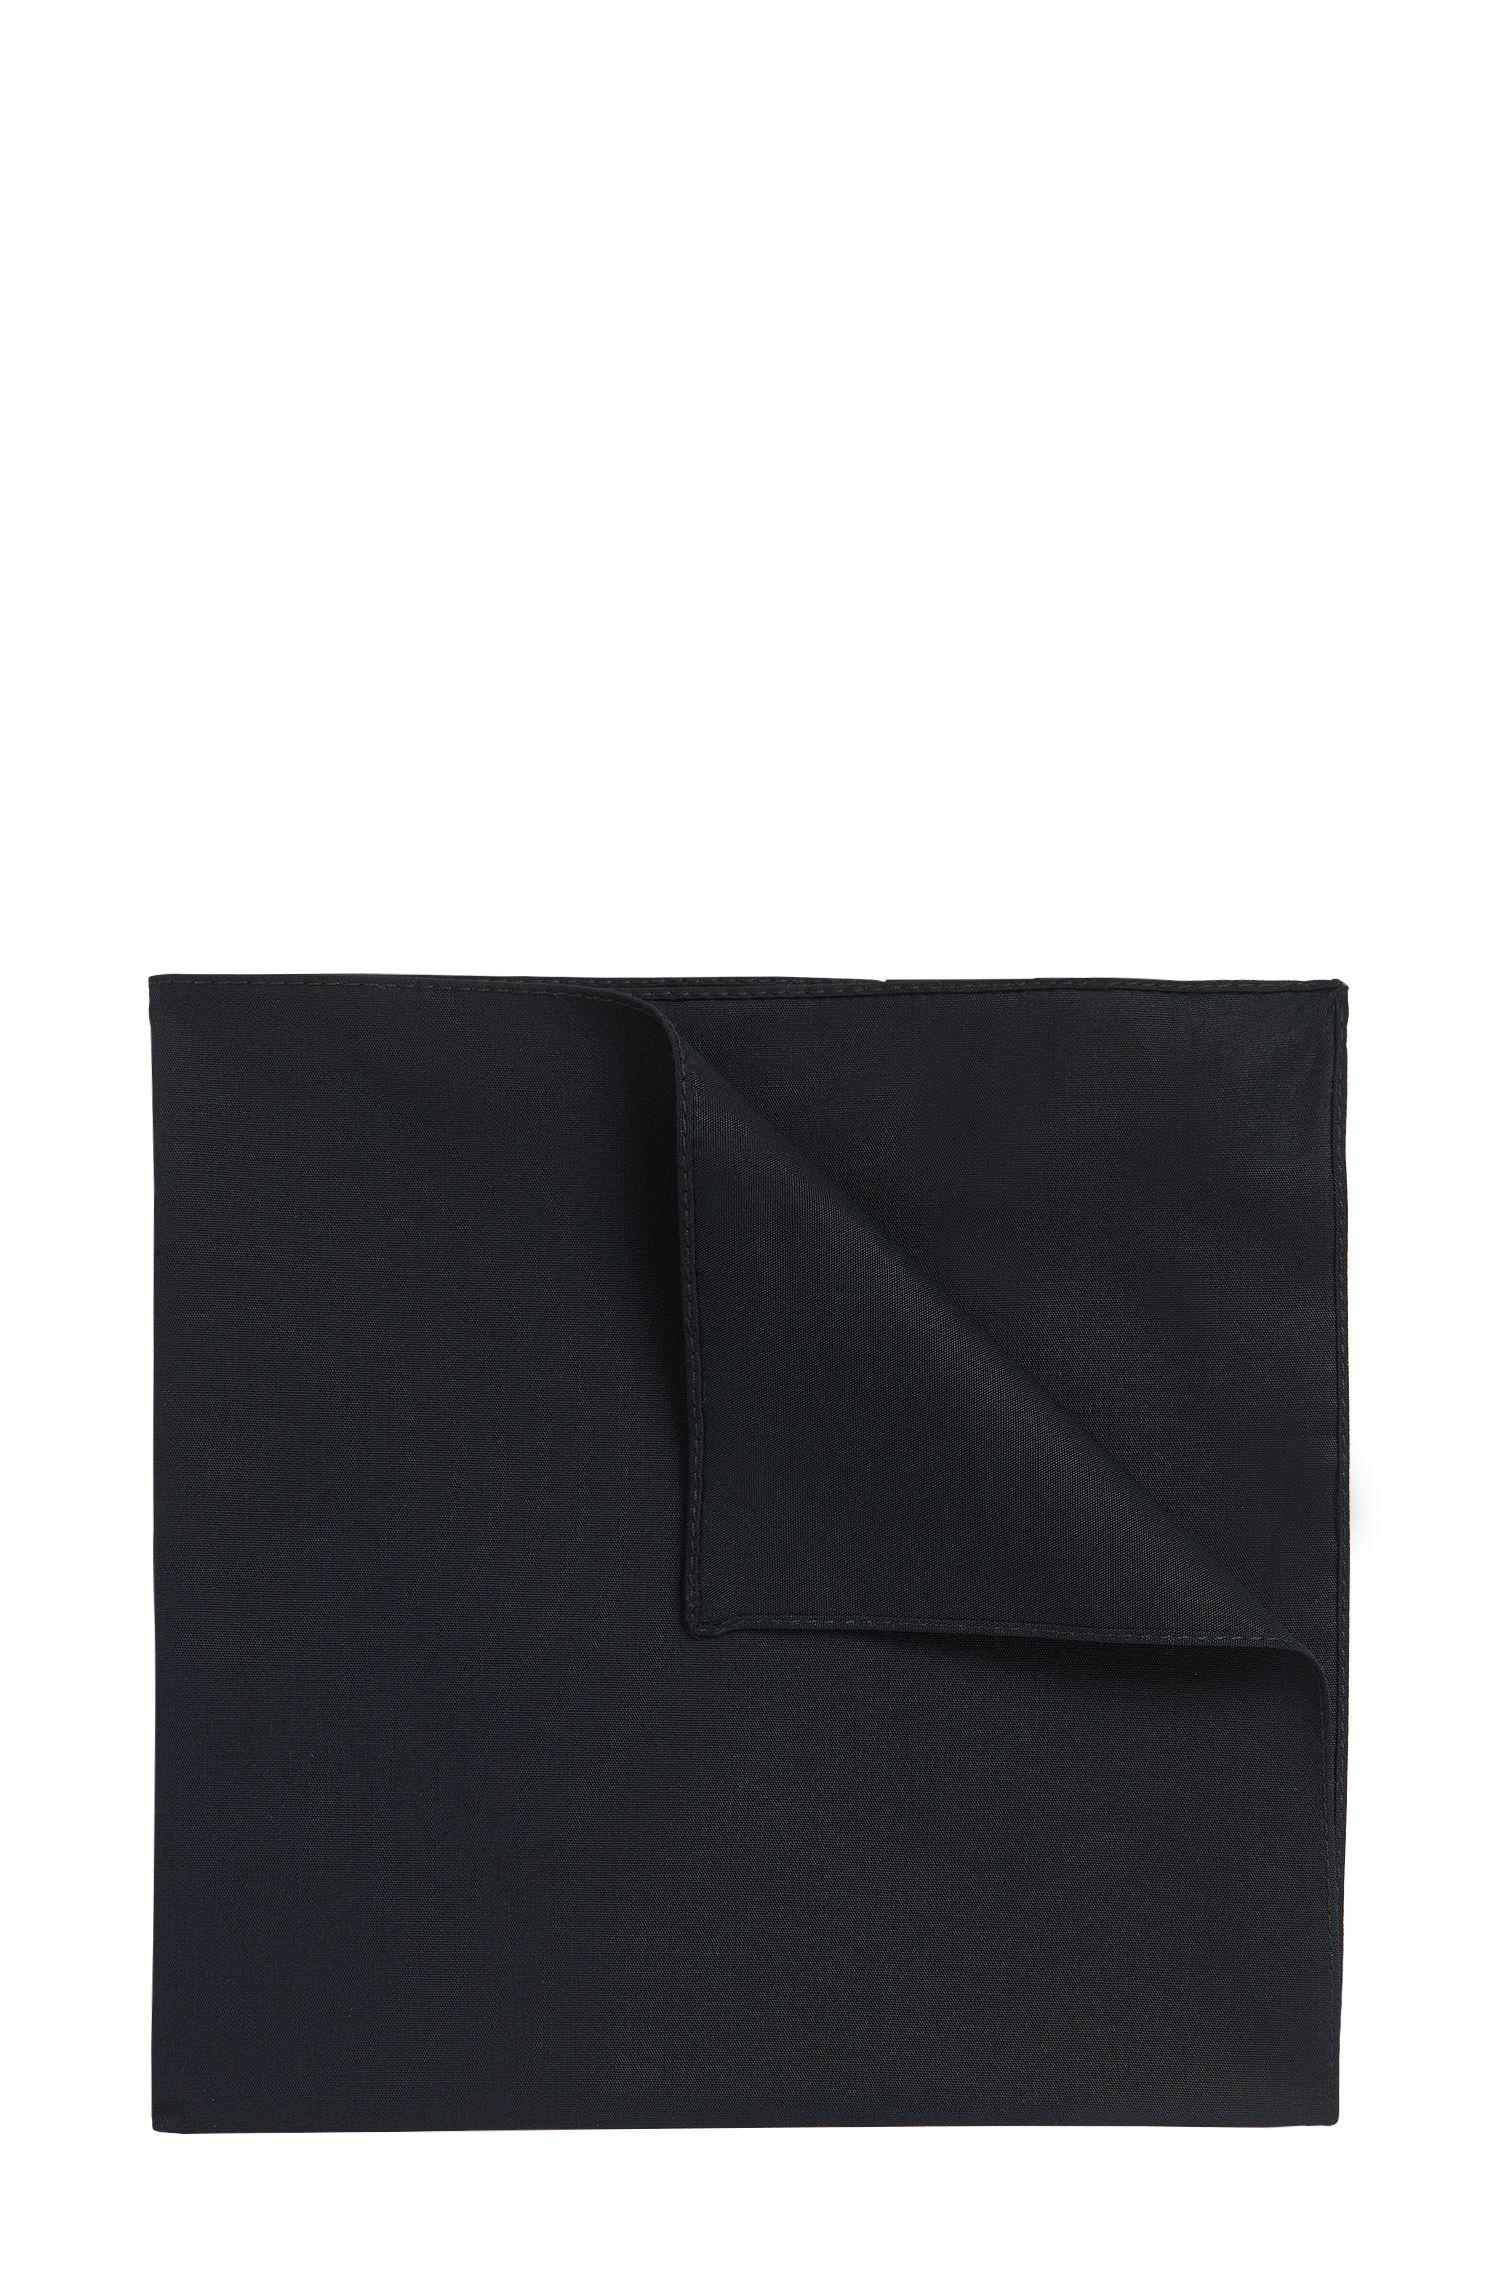 Pañuelo de bolsillo de popelín de algodón